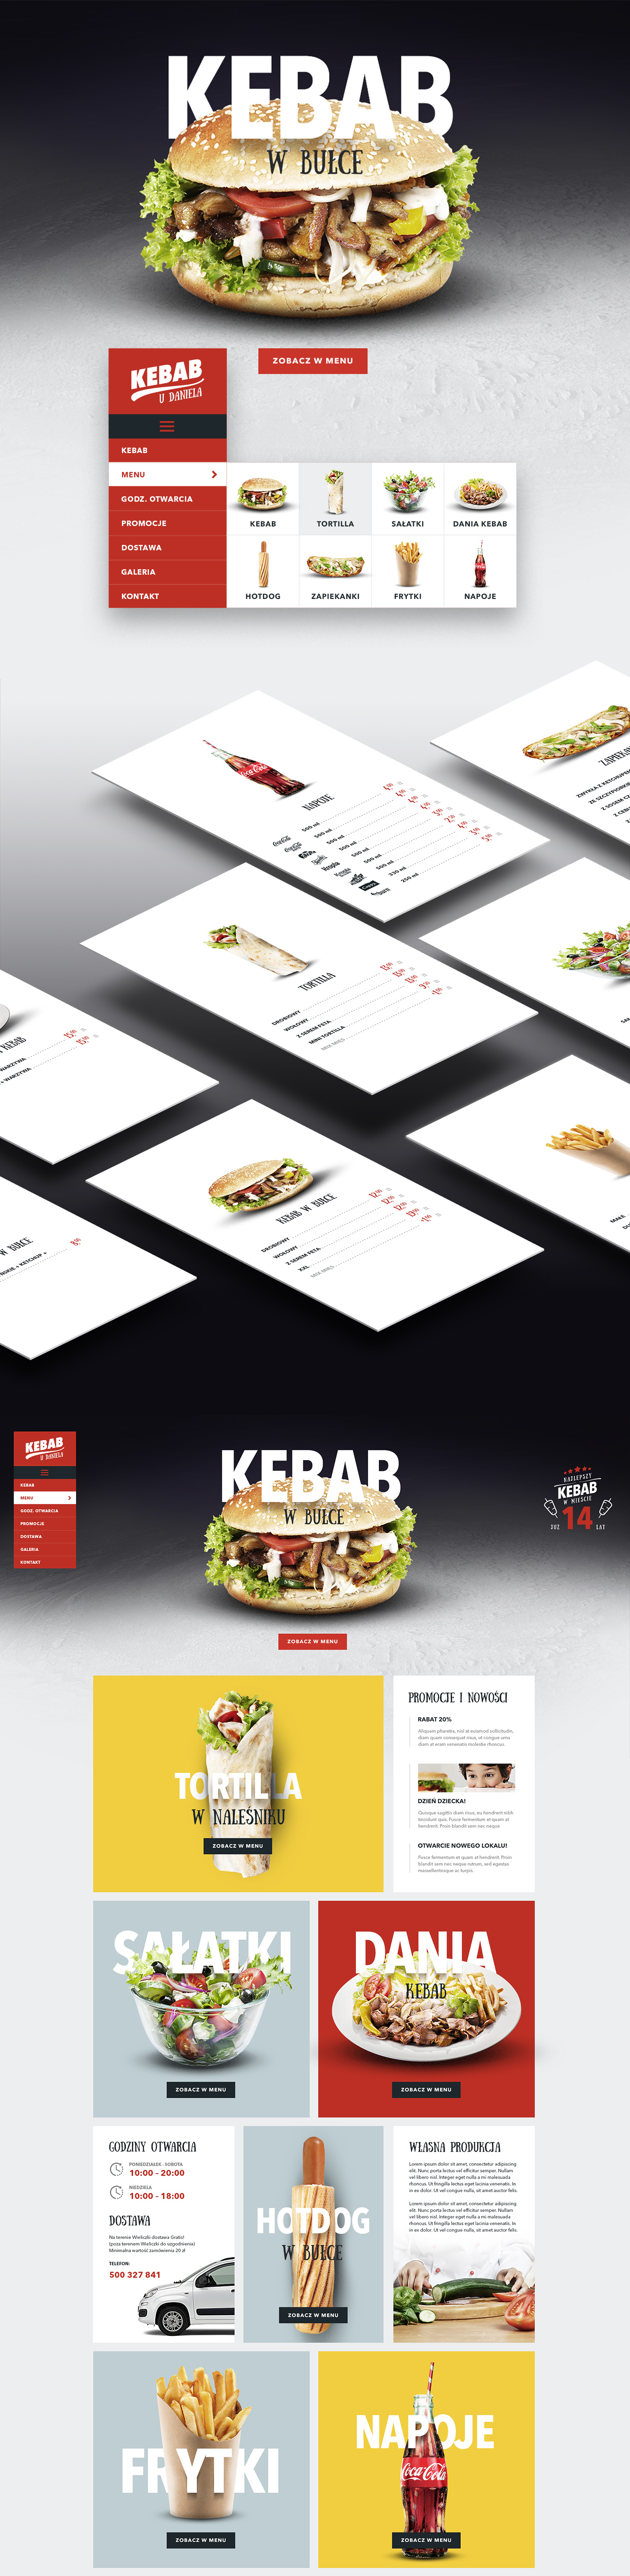 Kebab In Wieliczka On Behance Restaurant Website Design Menu Design Restaurant Flyer